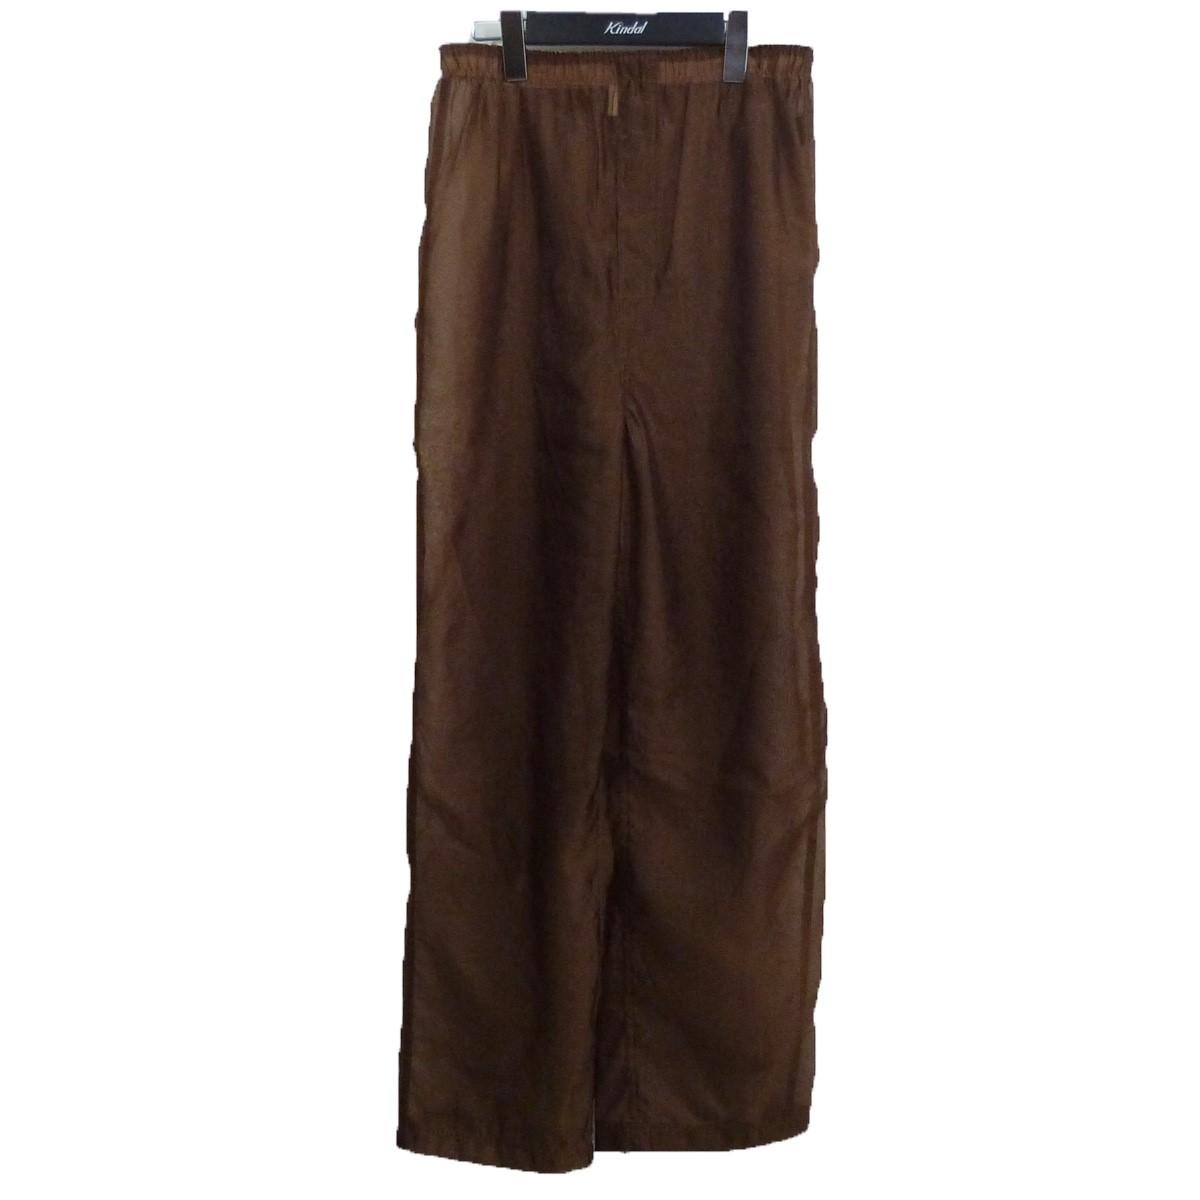 【中古】6(ROKU)BEAUTY & YOUTH UNITED ARROWS 19SS 「SUKE PANTS」透けパンツ ブラウン サイズ:38 【131220】(ロク ビューティーアンドユース ユナイテッドアローズ)